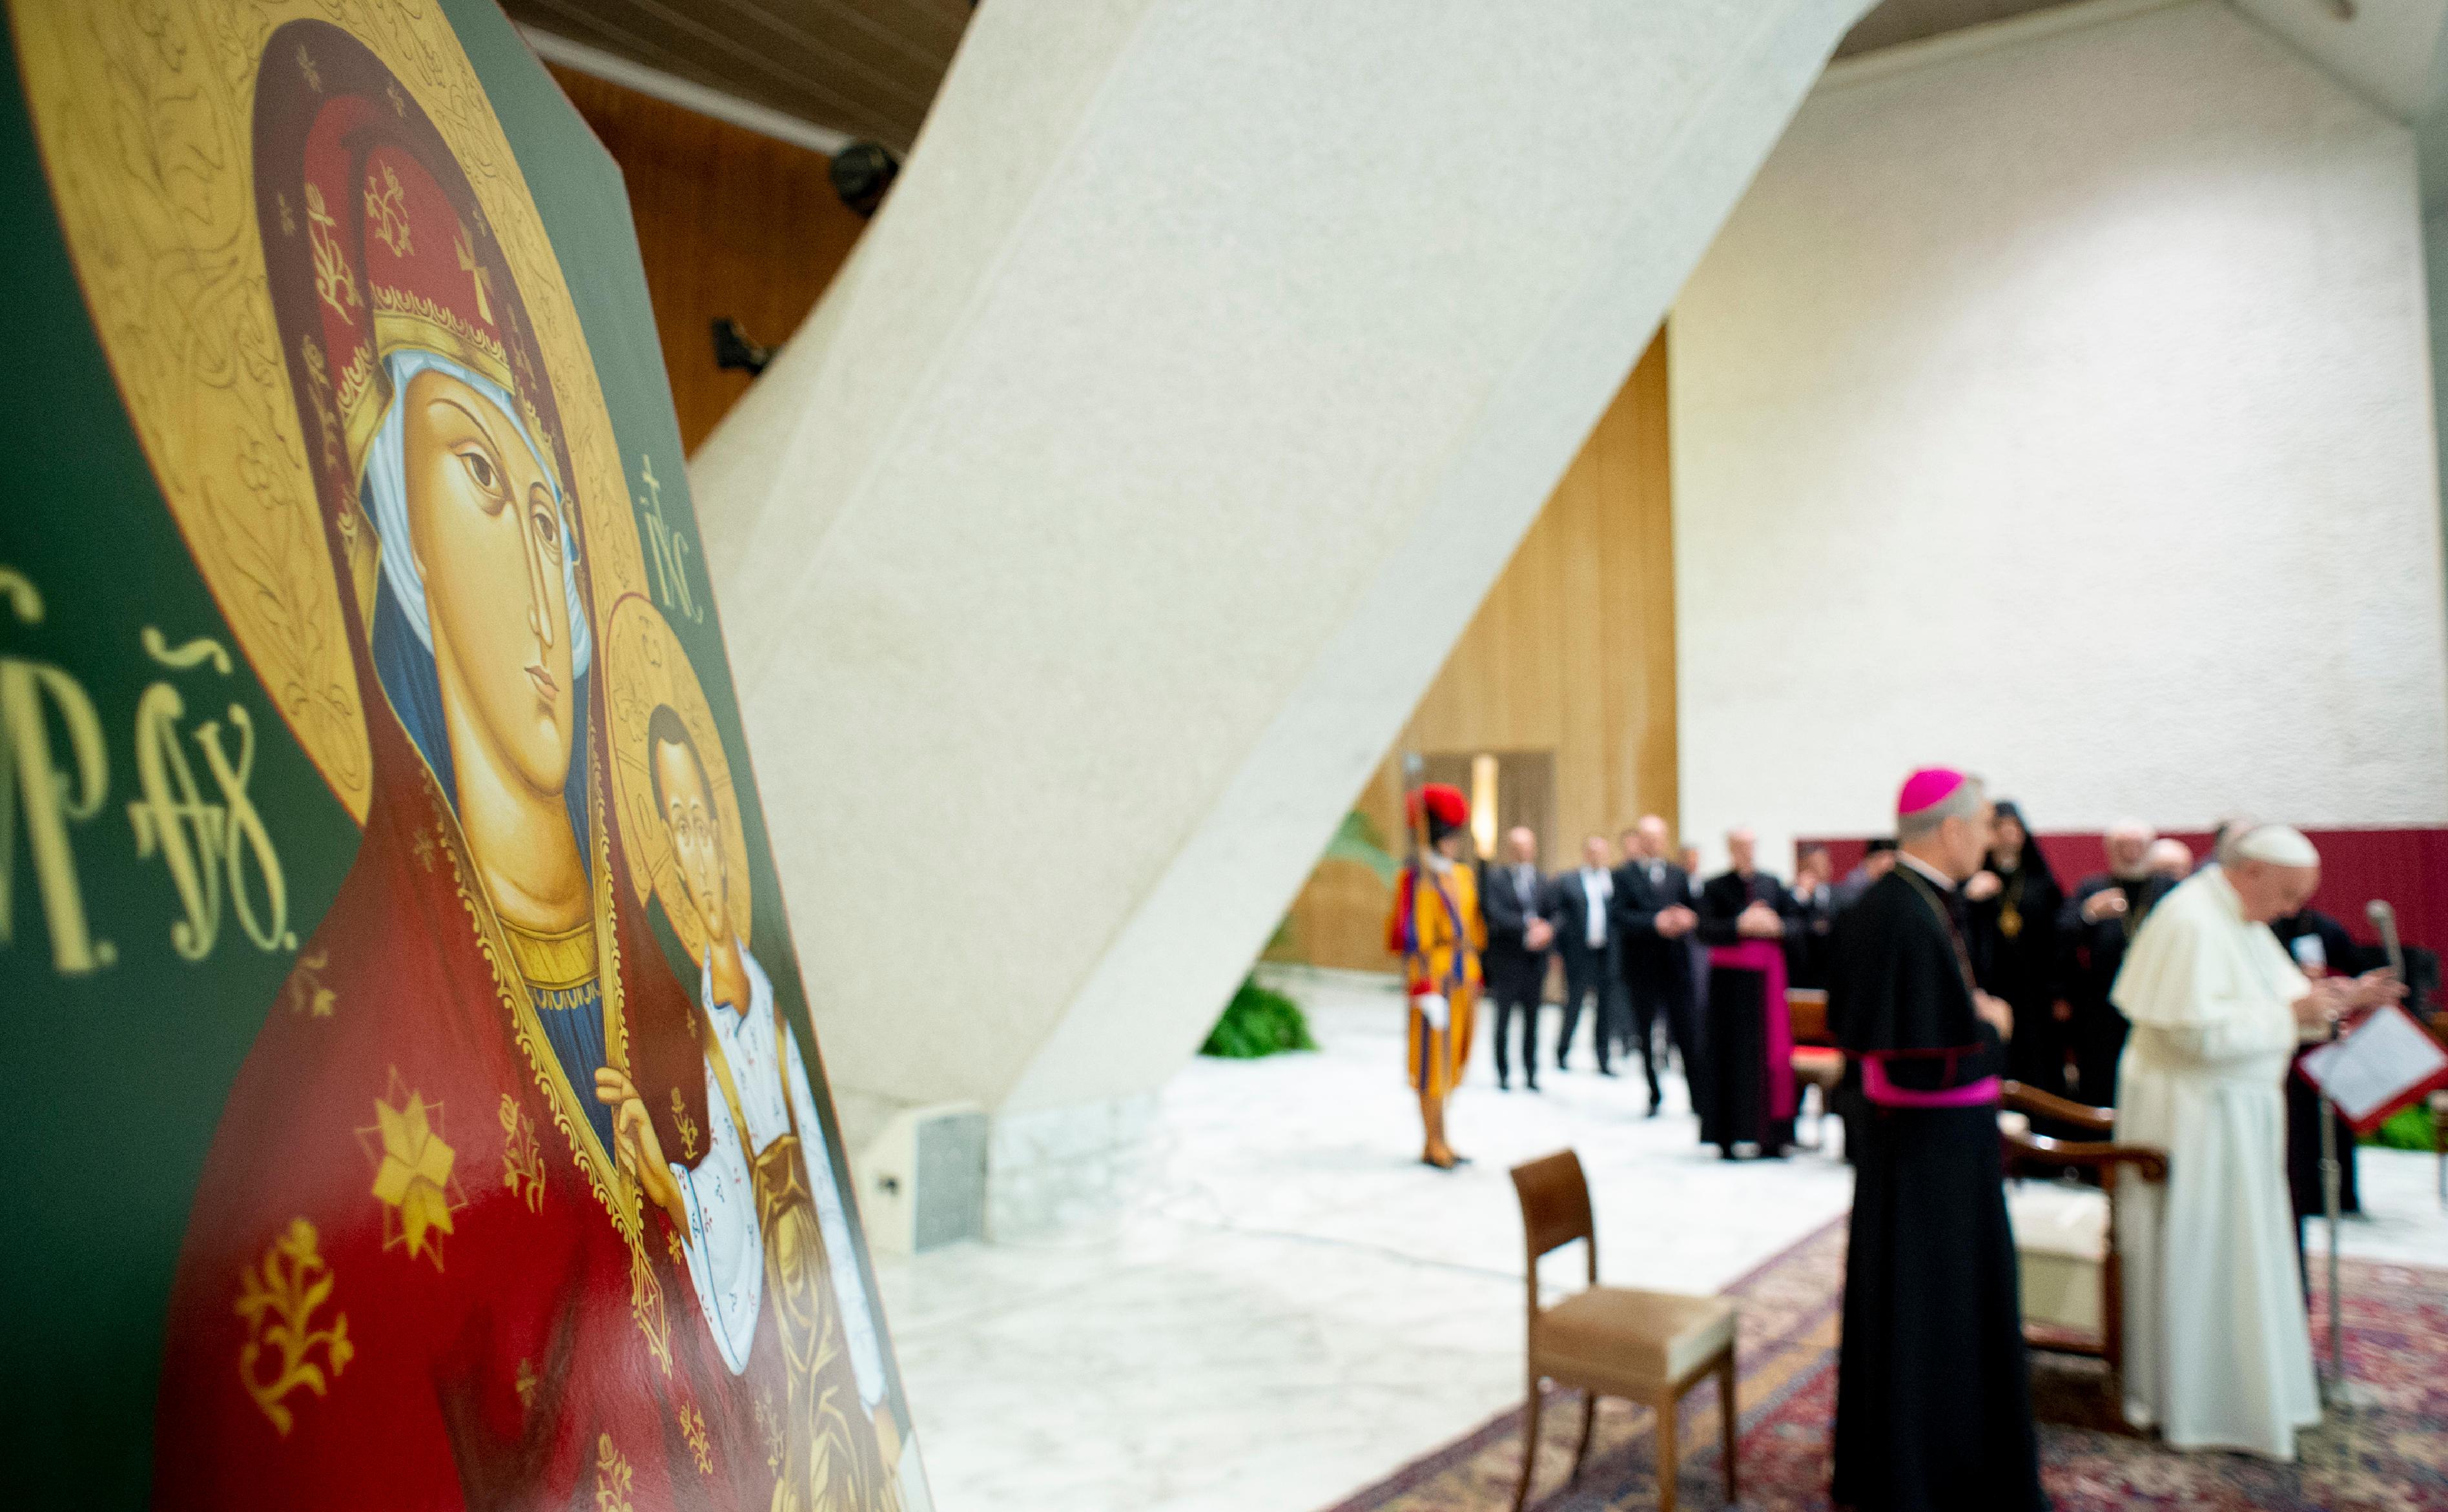 Audiencia del Papa con peregrinos de la iglesia católica greco-eslovaca © Vatican Media